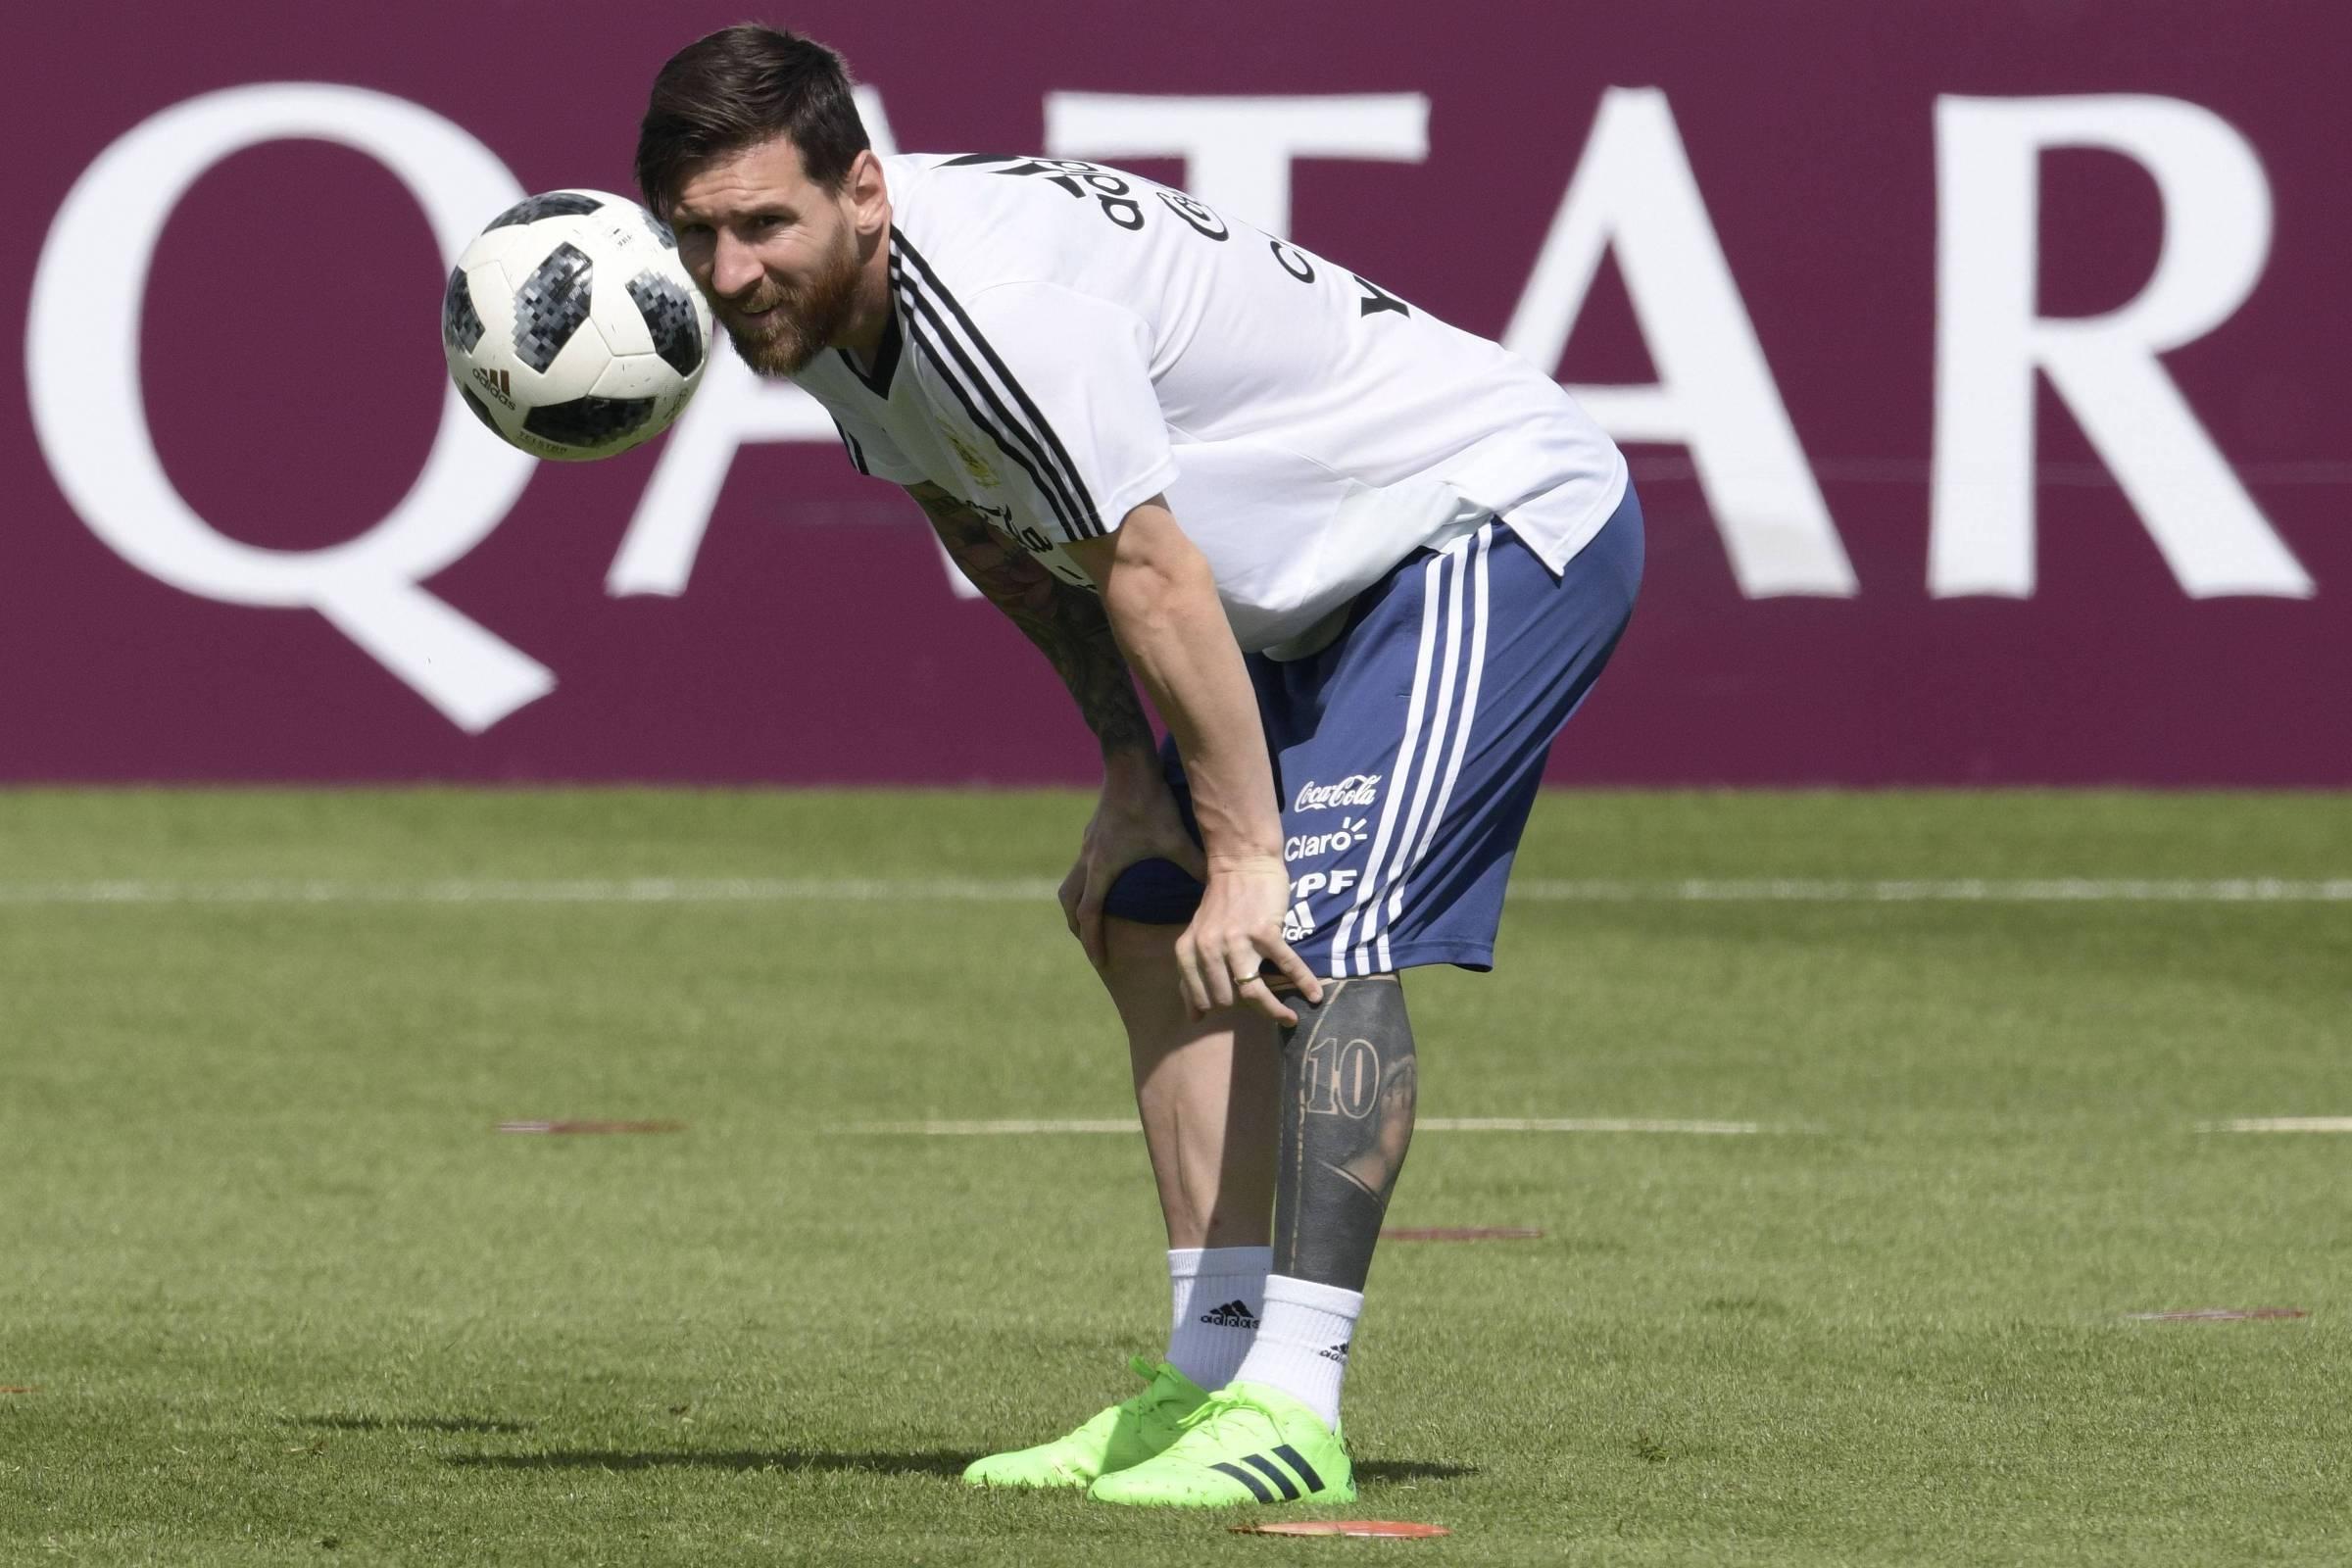 Confrontos das oitavas podem ter França x Argentina  veja chances - 26 06 2018  - Esporte - Folha f9810fb883855